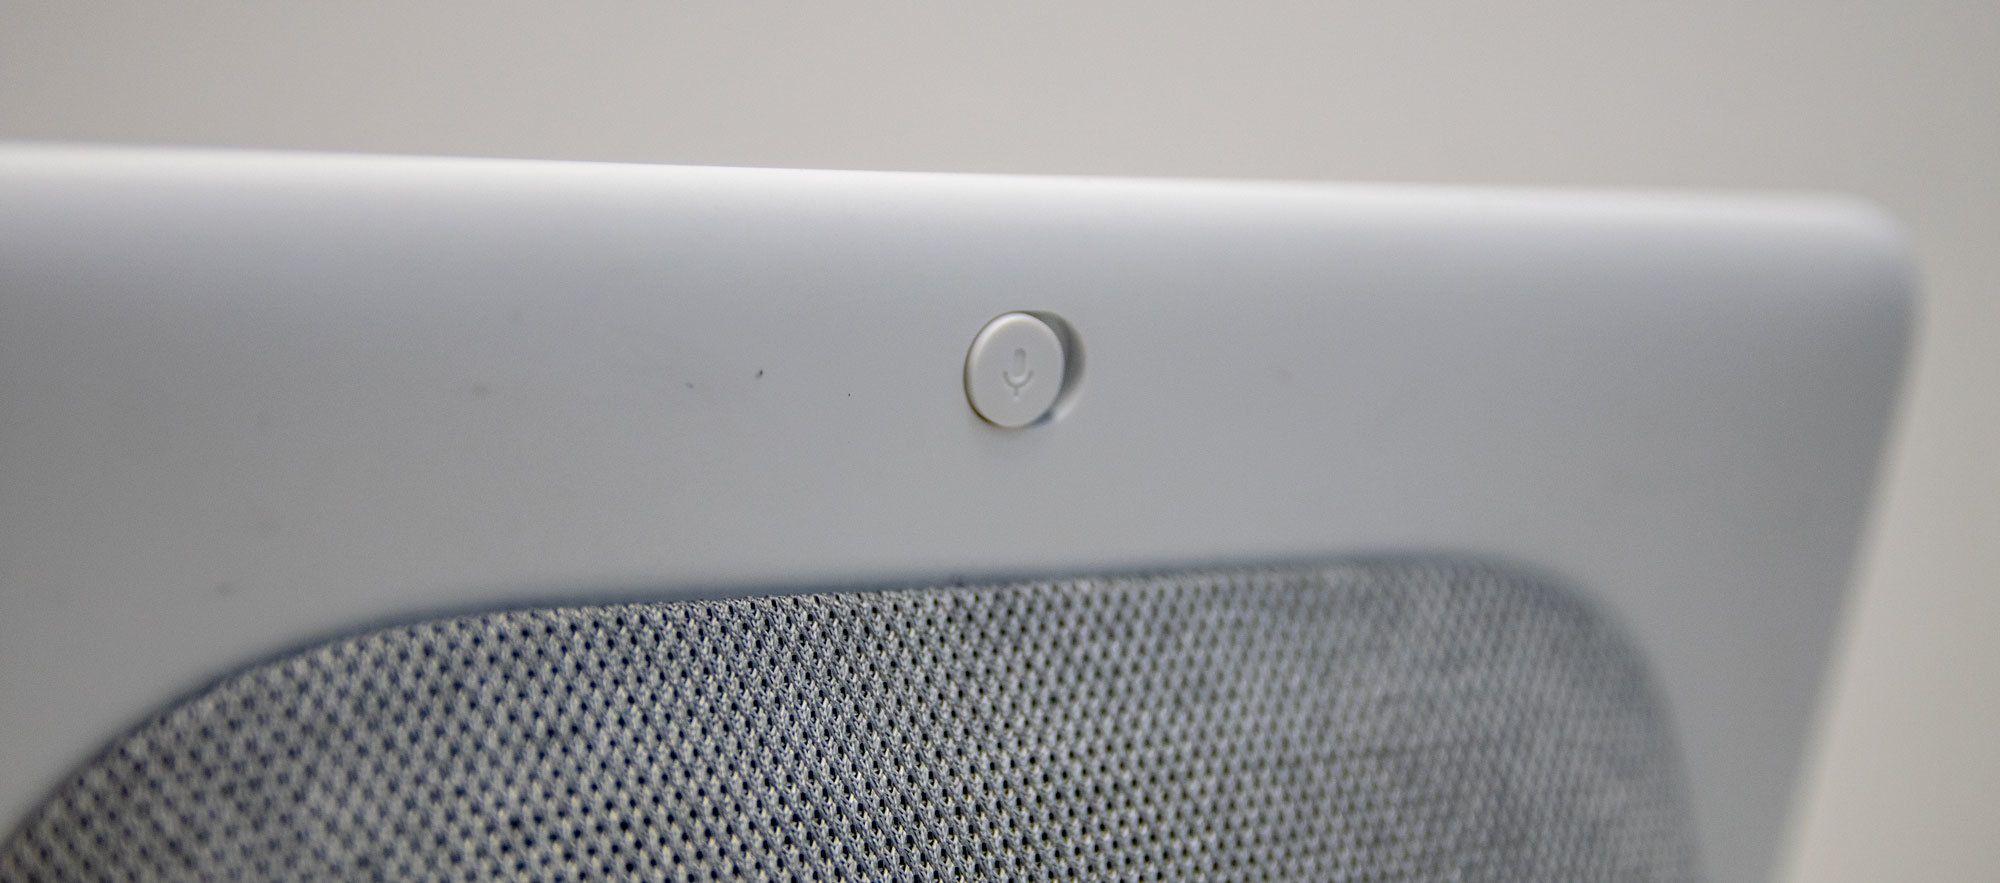 Du kan skru av mikrofonen med en fysisk bryter. Da kan du ikke snakke til Home Hub lenger, men du kan fortsatt bruke den som musikk- eller videoavspiller.